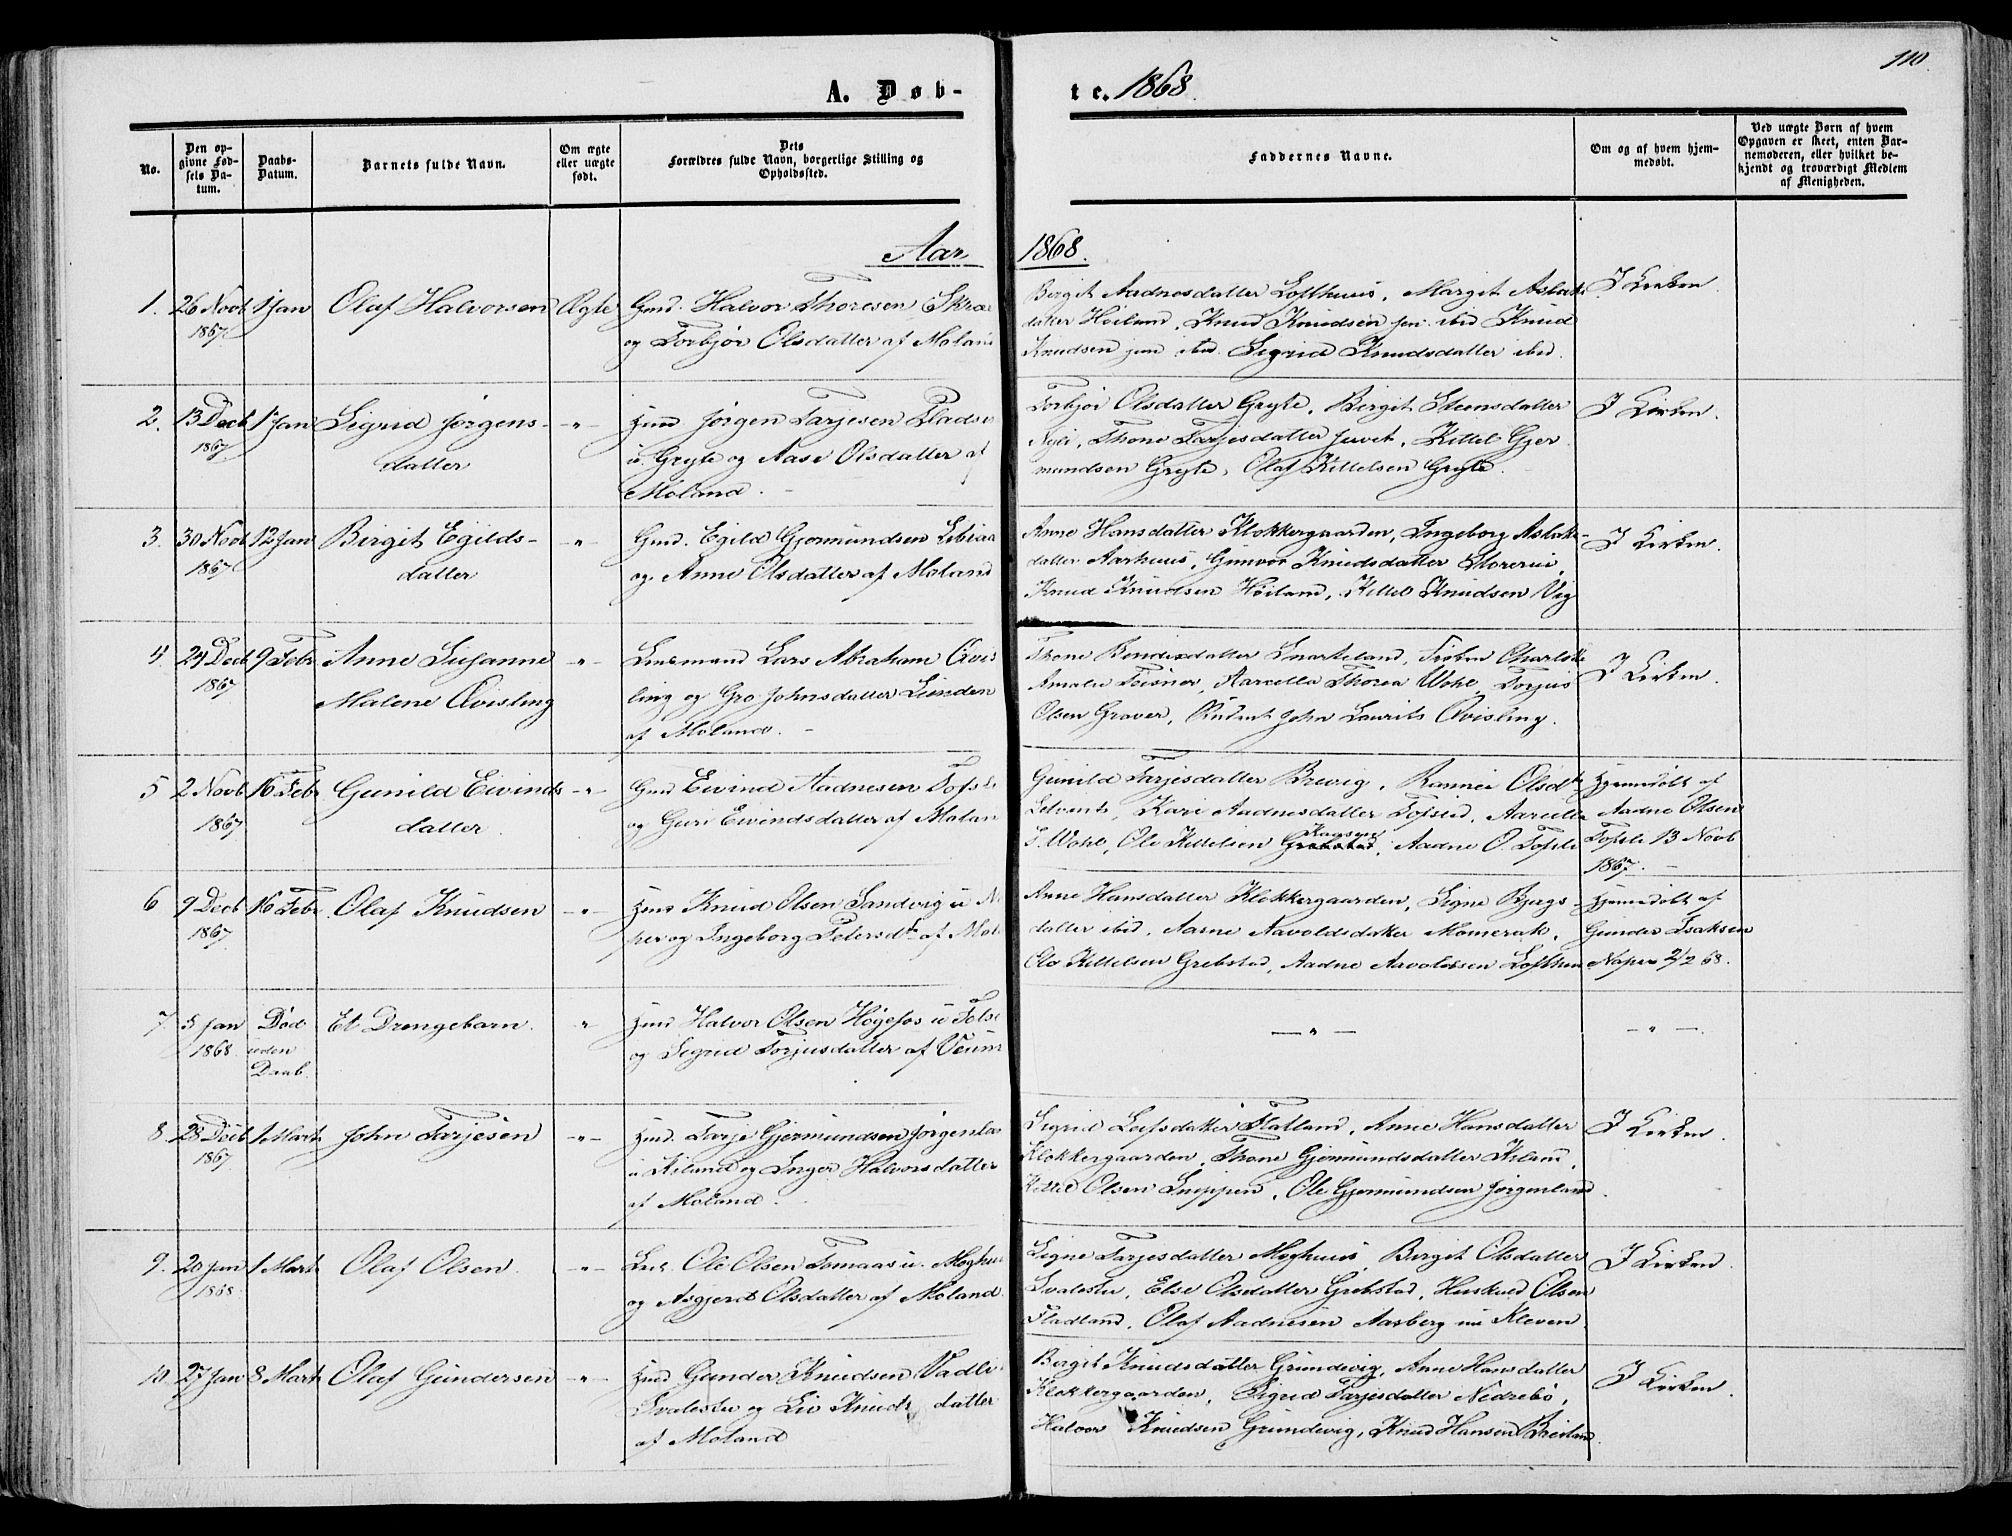 SAKO, Fyresdal kirkebøker, F/Fa/L0005: Ministerialbok nr. I 5, 1855-1871, s. 110